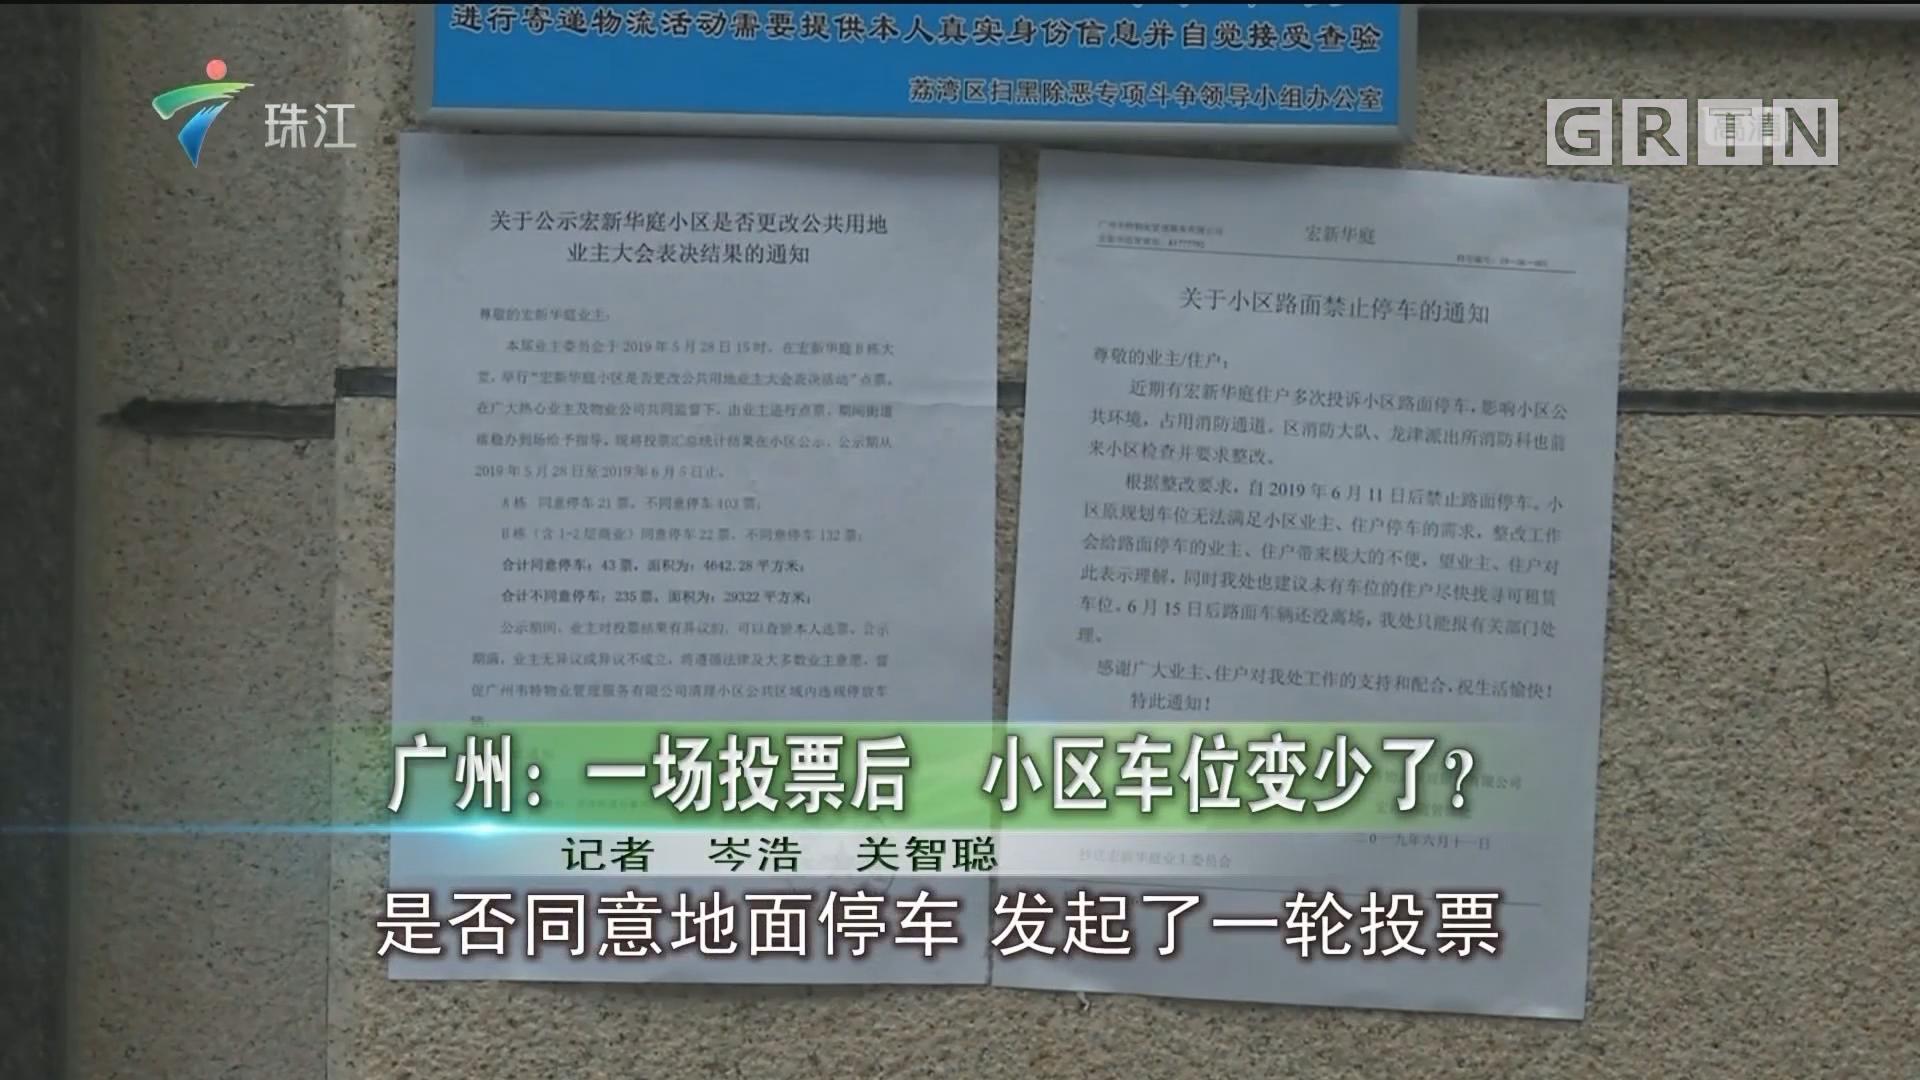 广州:一场投票后 小区车位变少了?